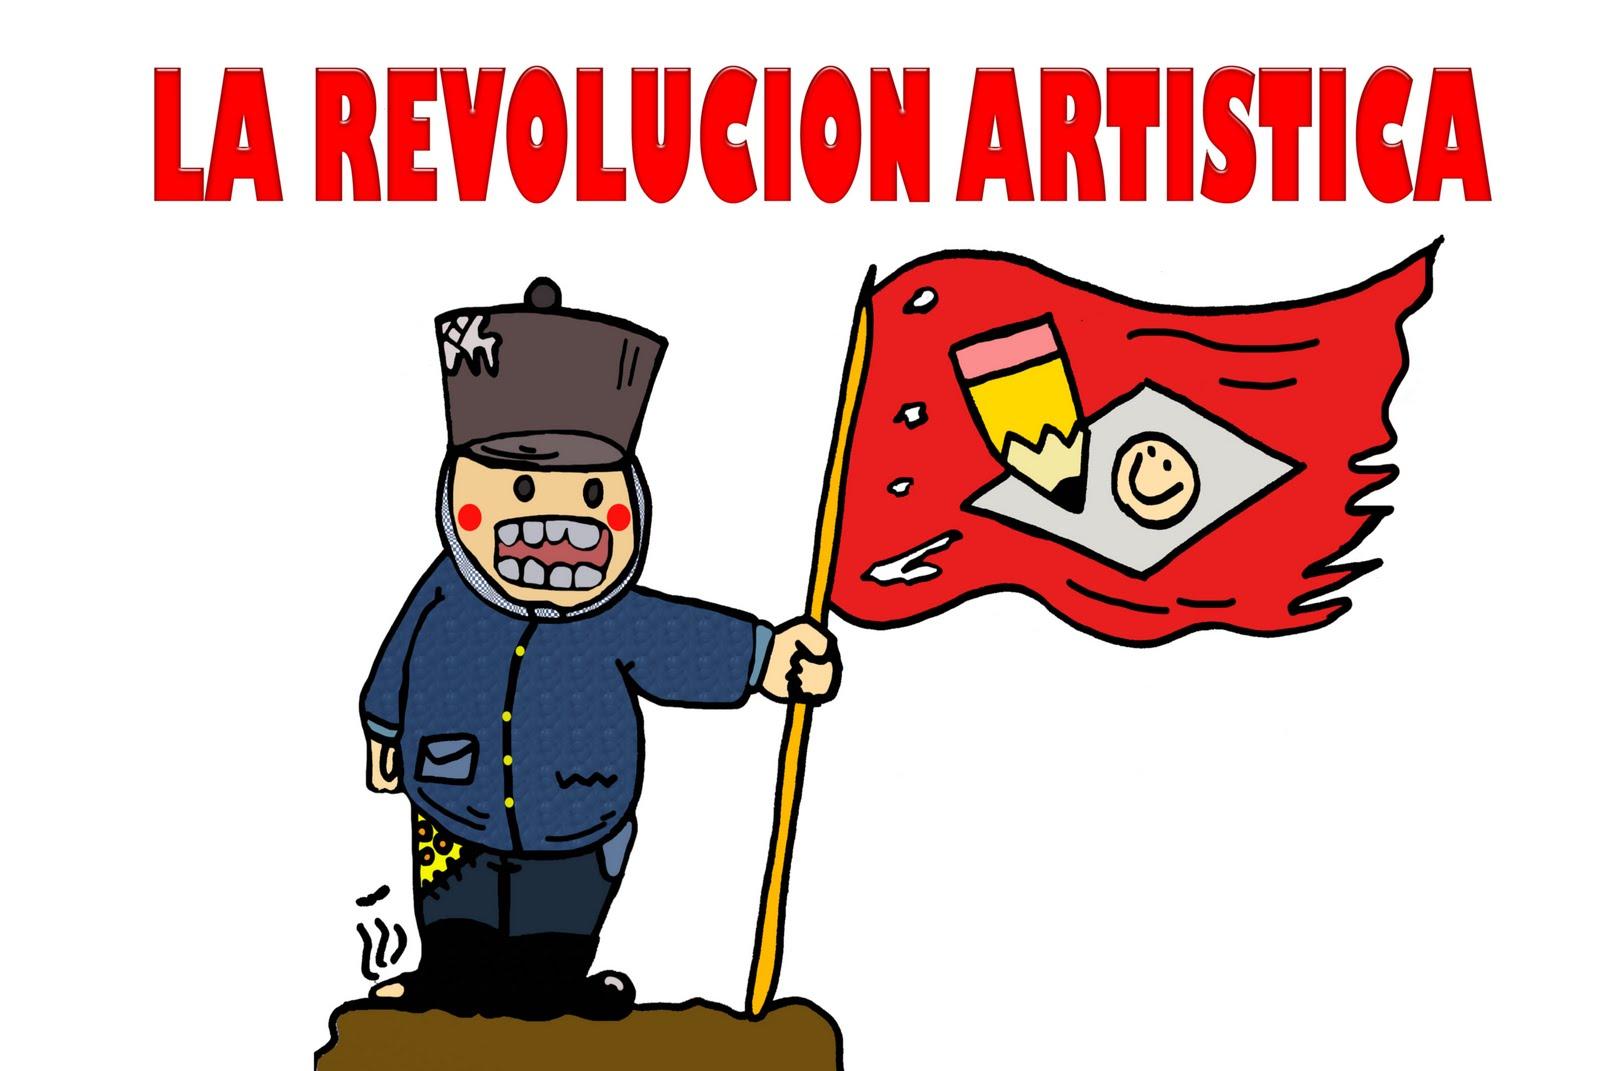 la revolucion artistica